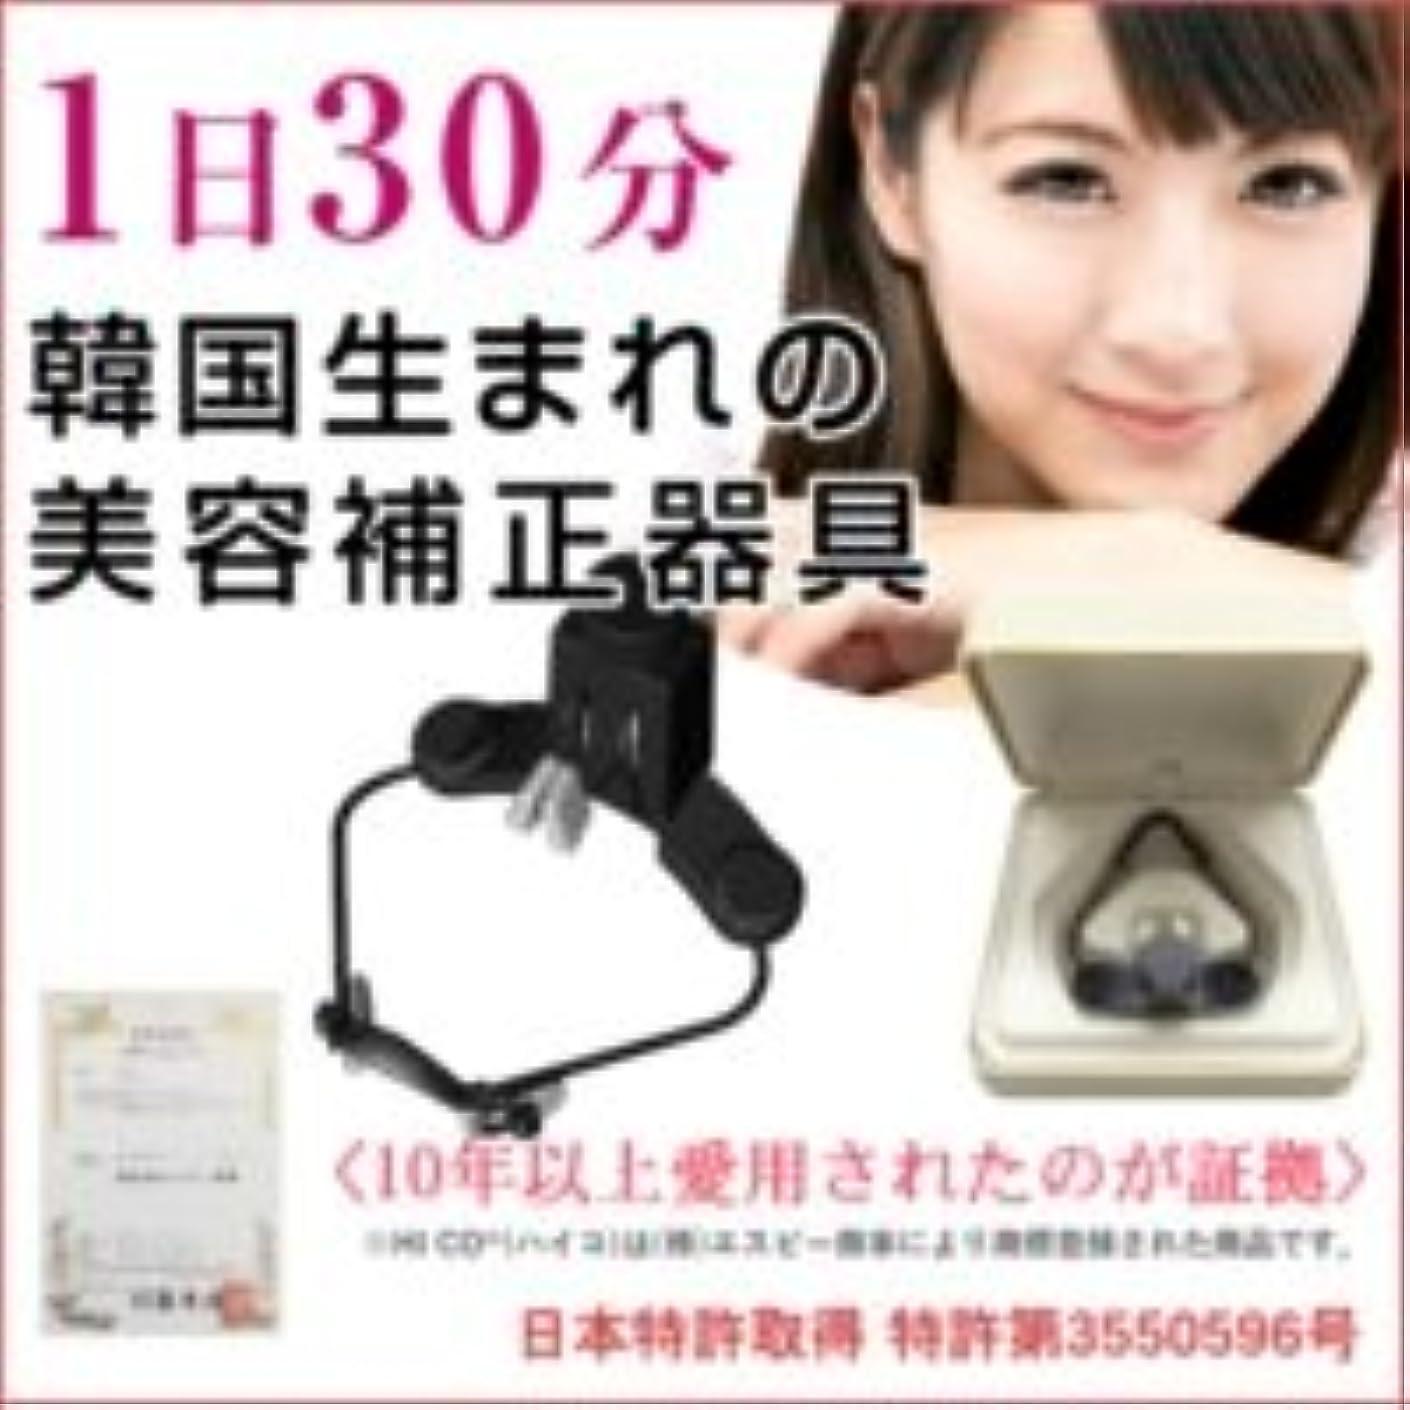 に付けるもろい内訳HICO 美鼻補正器具